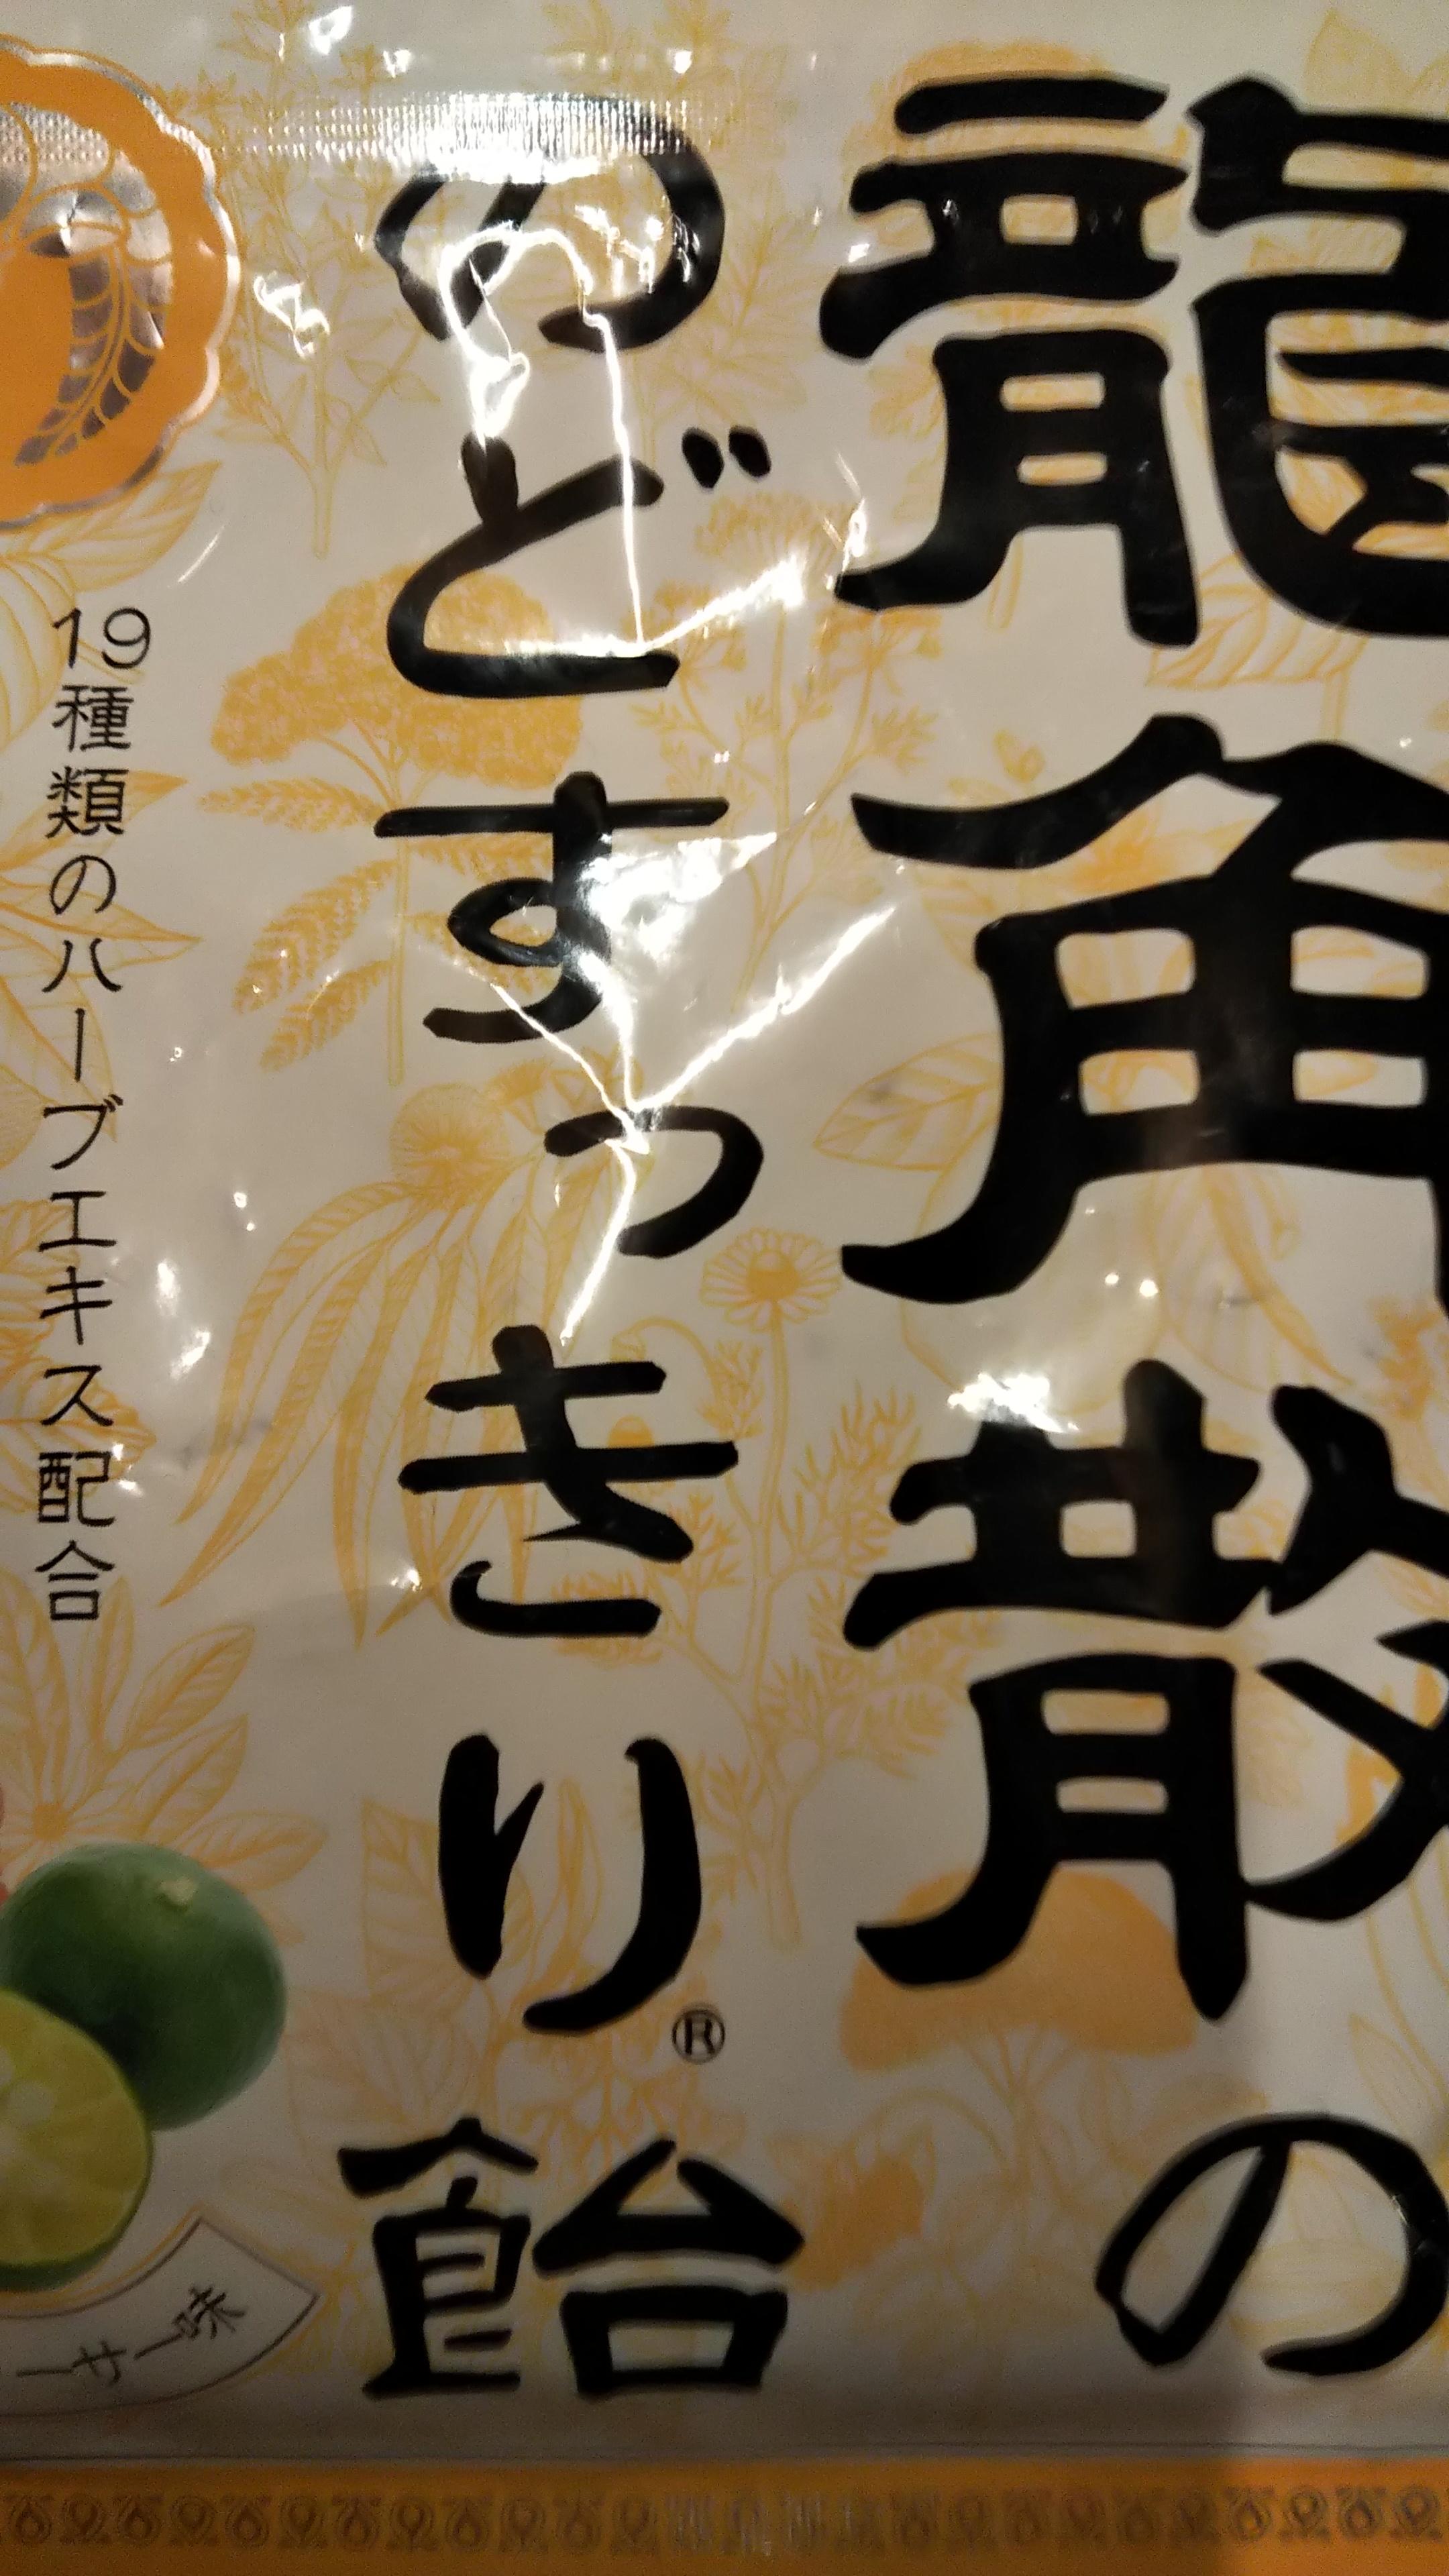 メイキングオブラジオドラマ(おれかま)